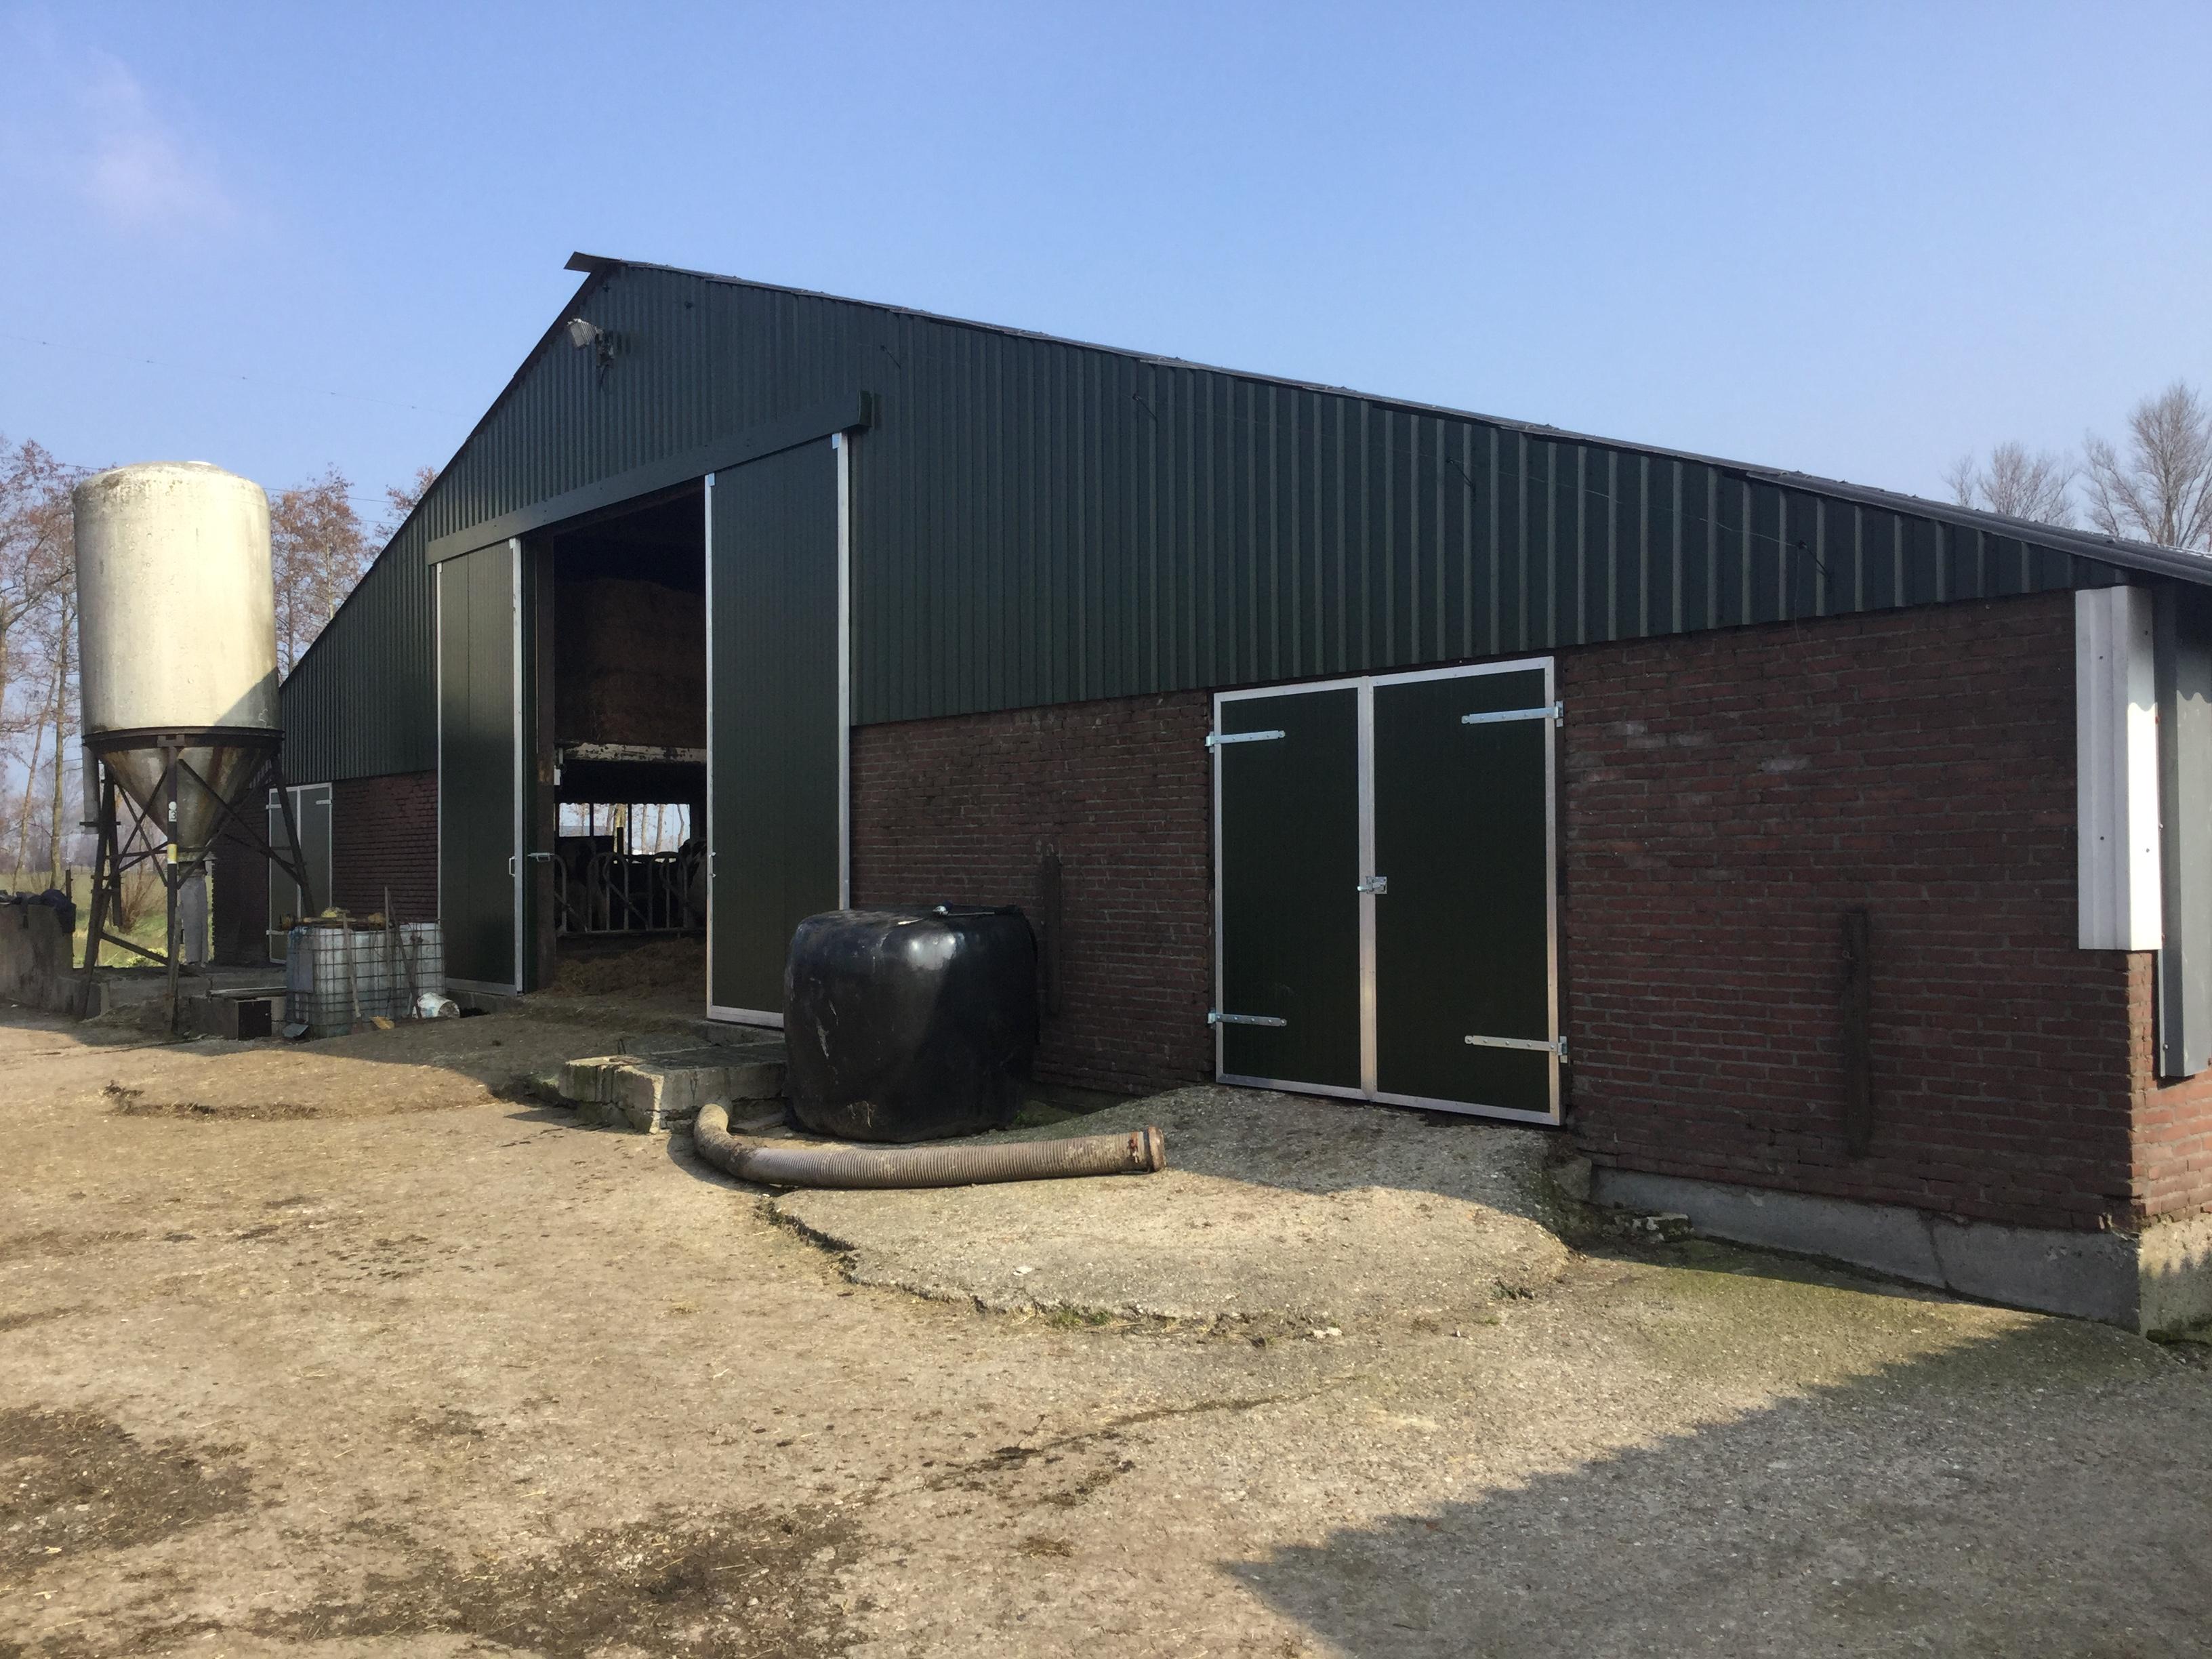 RoofPlus | Asbest verwijderen agrarisch gebouw, nieuwbouw & renovatie